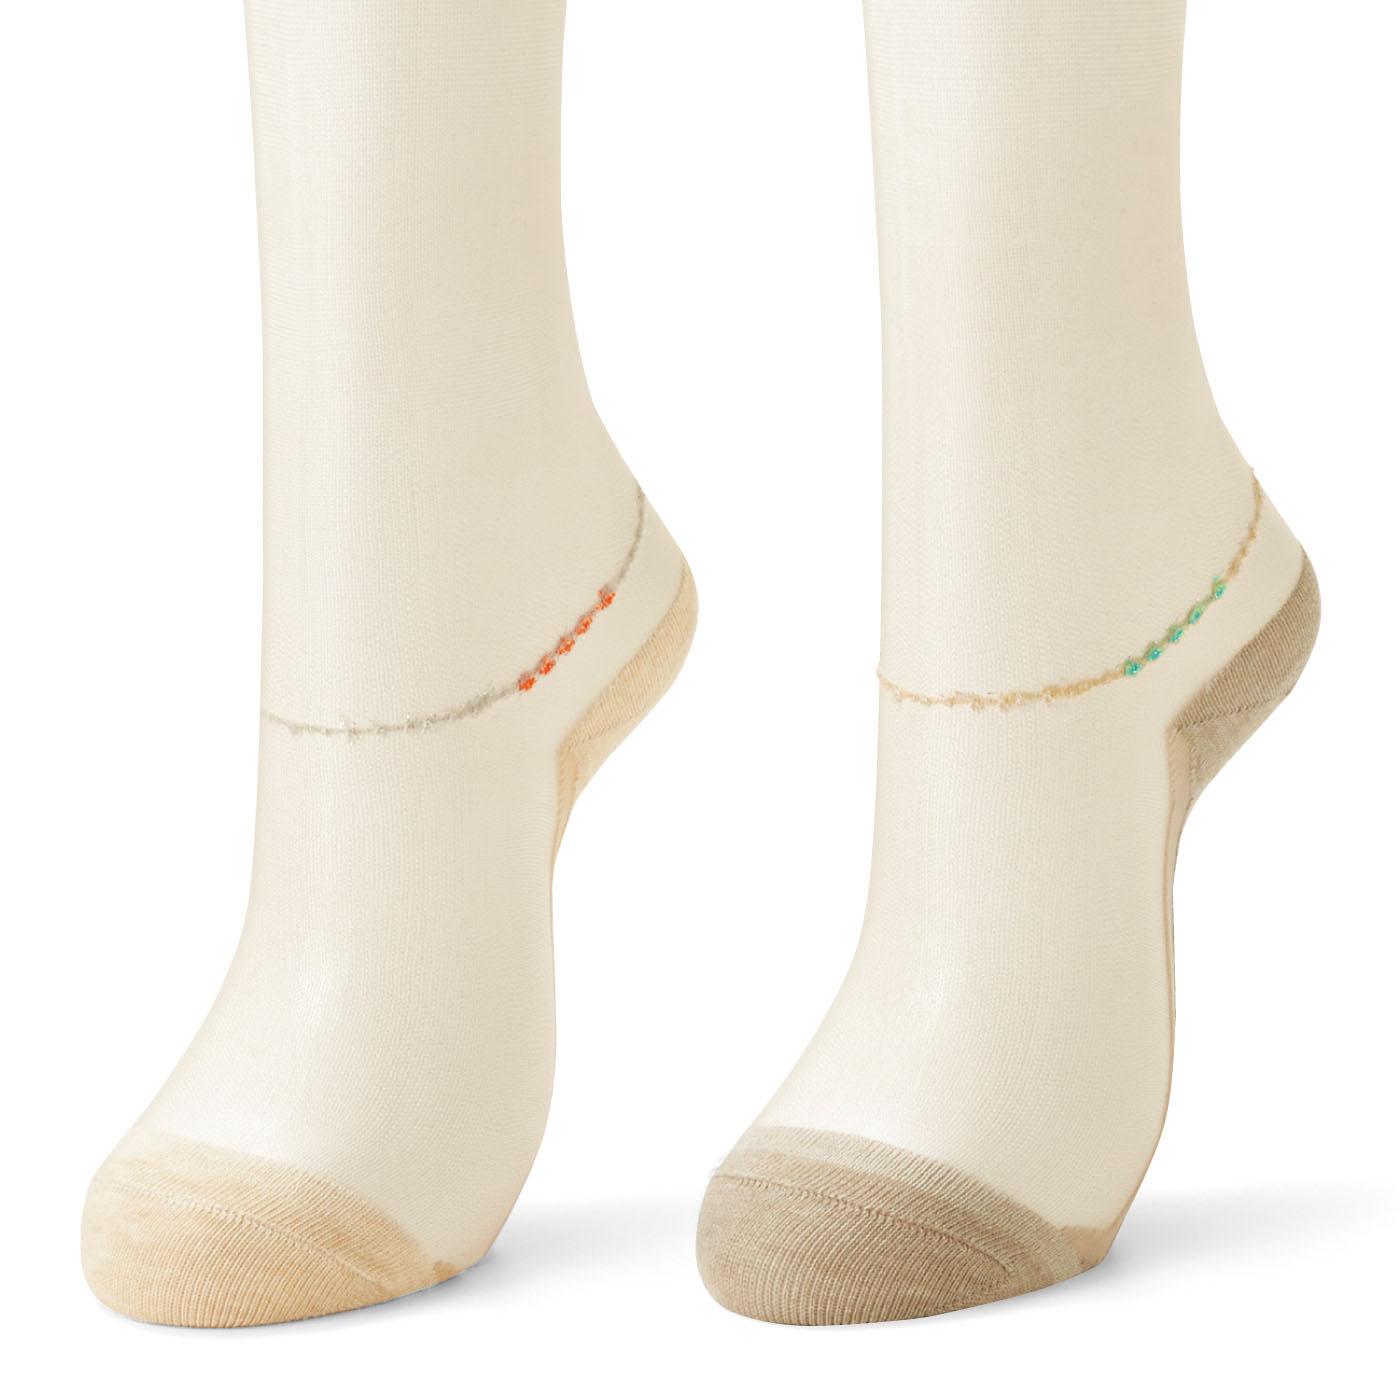 綿混部分は、肌に浮かないベージュ系カラー。※写真はお届けの一例です。